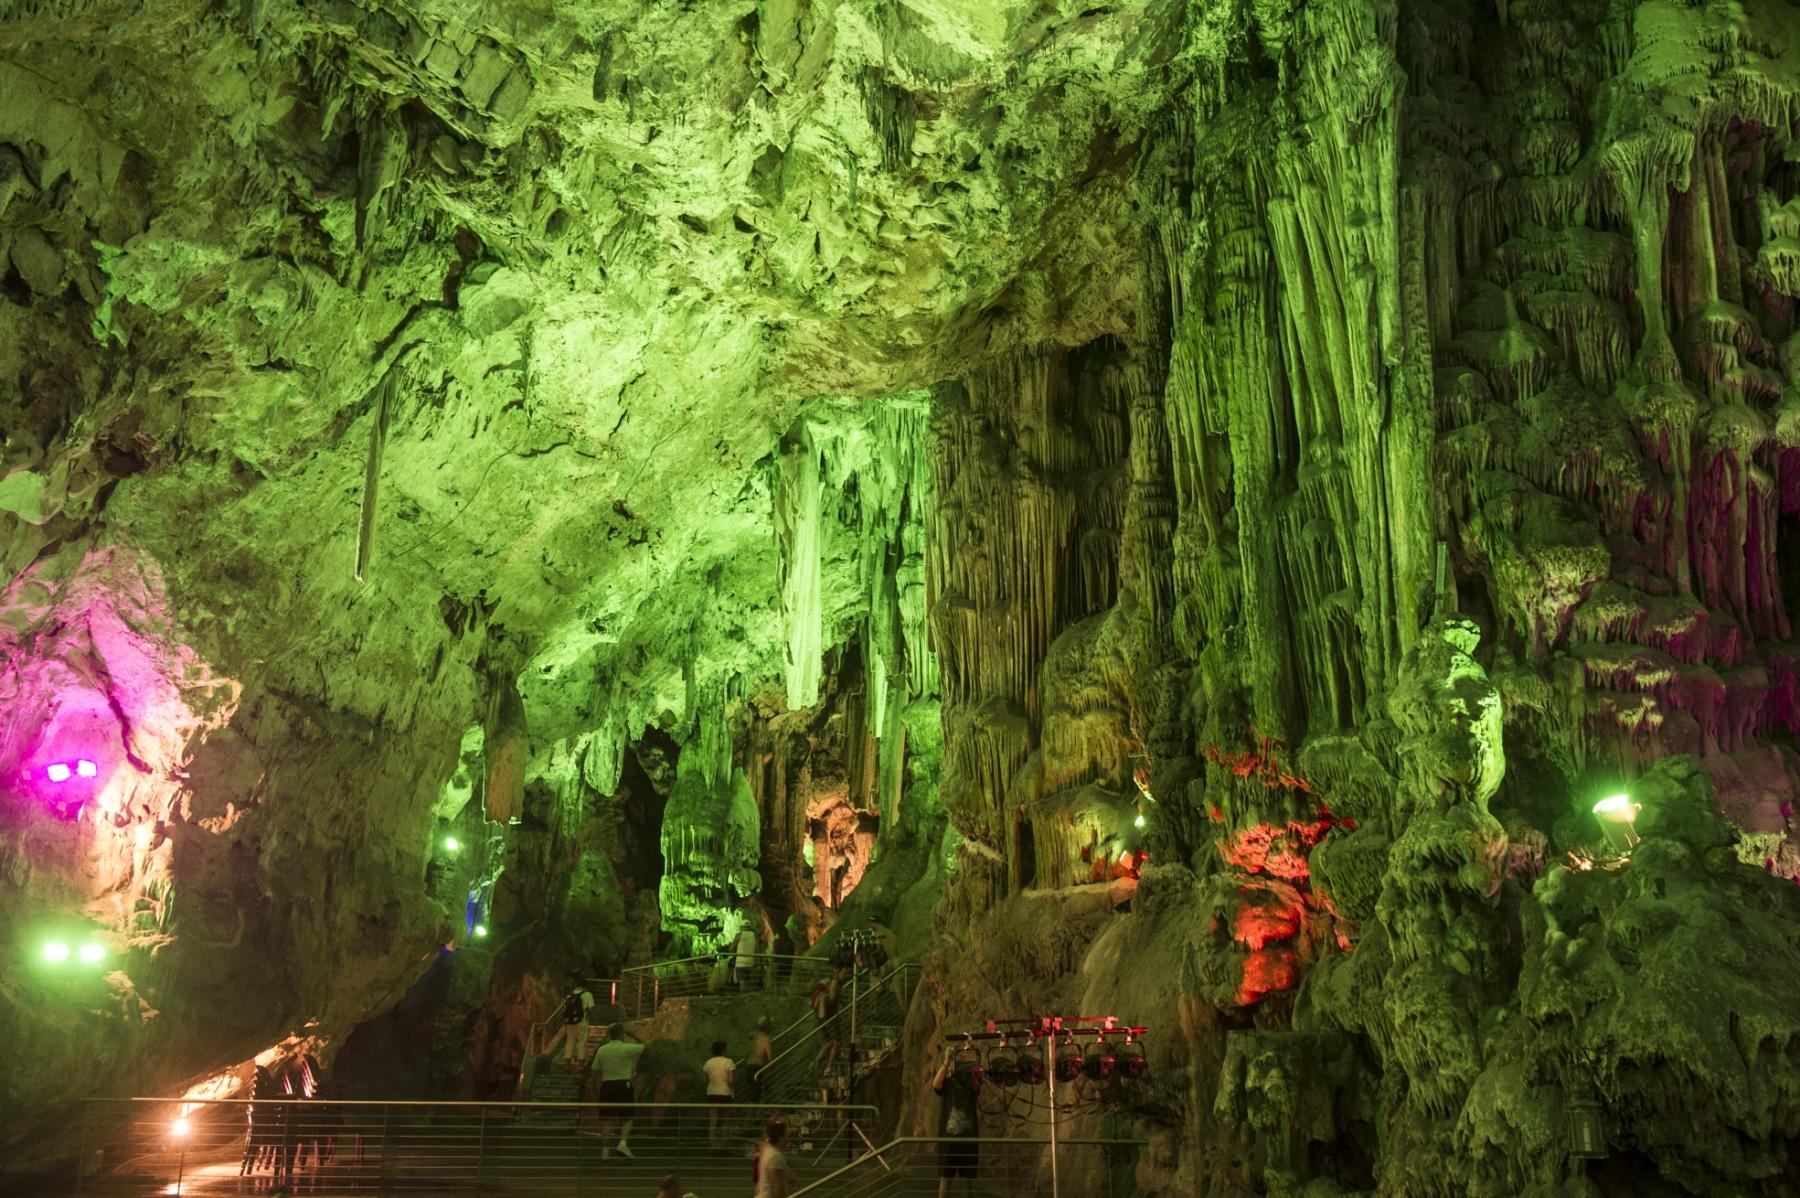 cueva-de-st-michael-gibraltar_22756840961_o